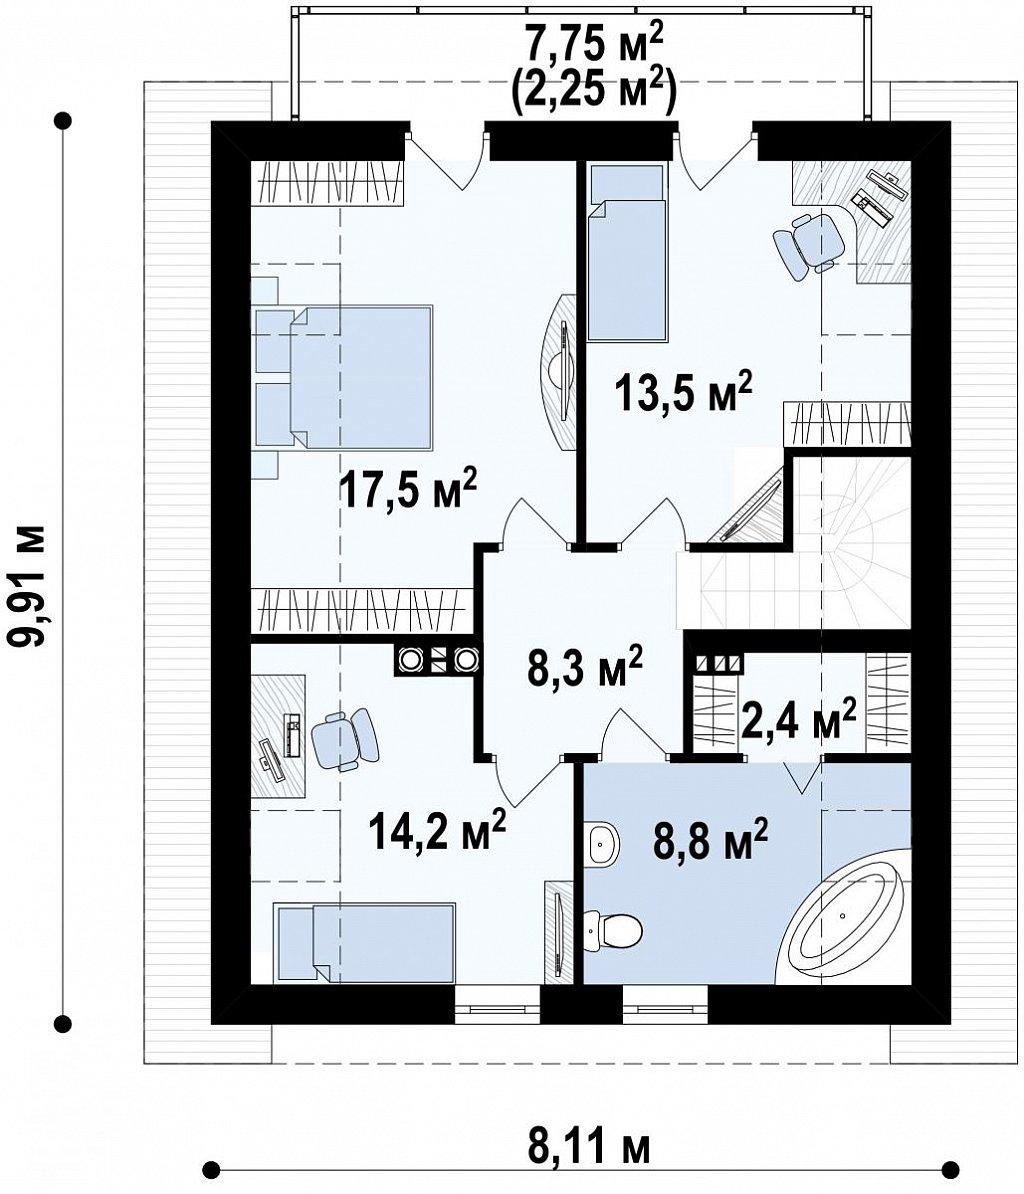 Предложение выгодного и практичного дома, подходящего для удлиненного или, наоборот, неглубокого участка. план помещений 2